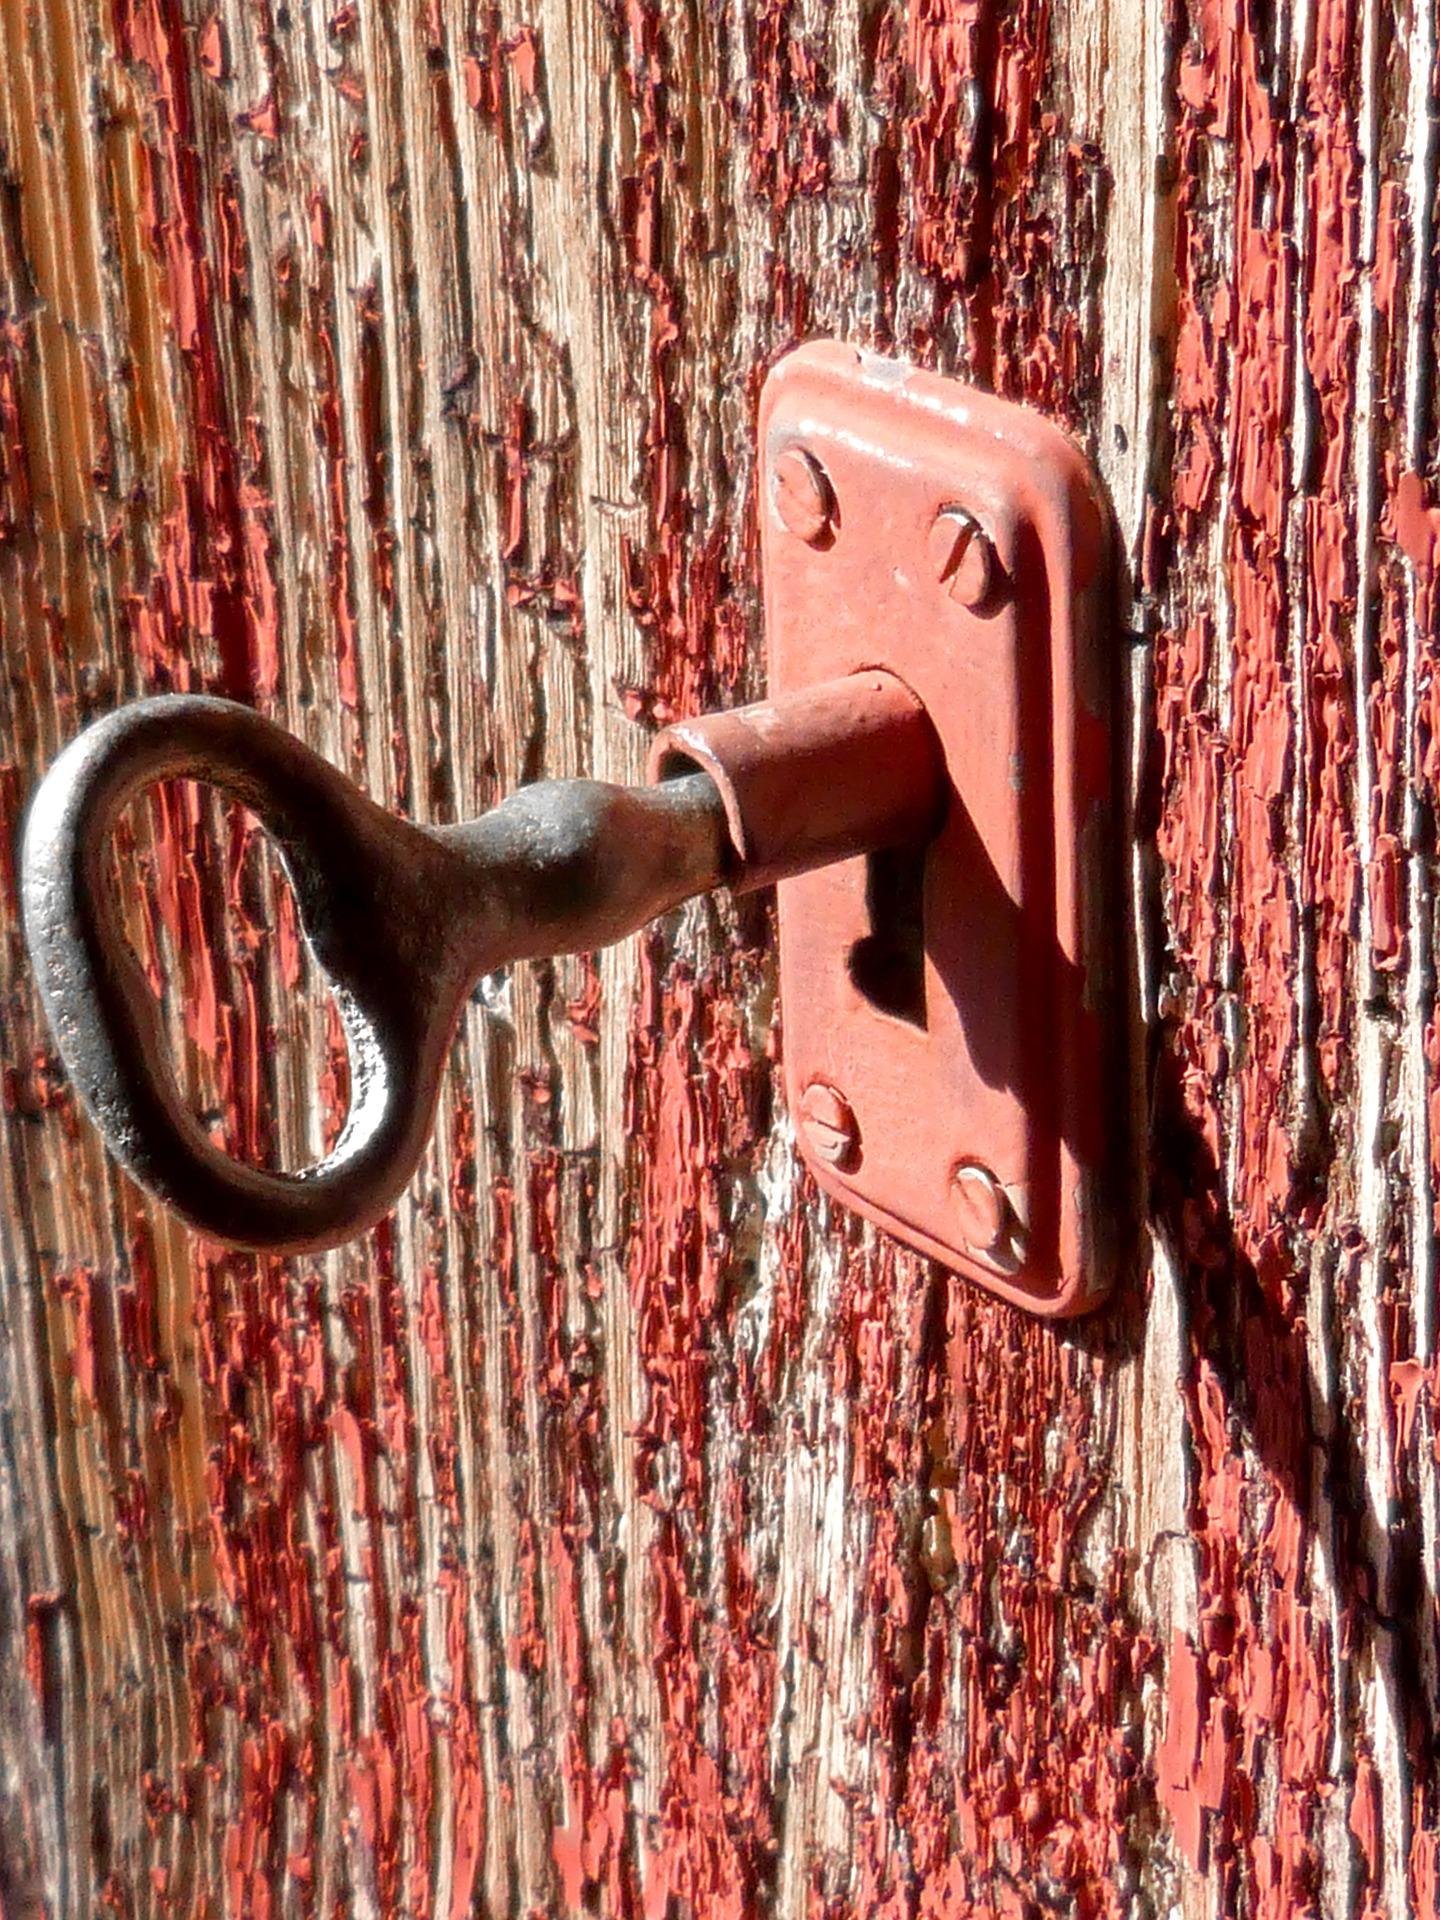 key-976352_1920